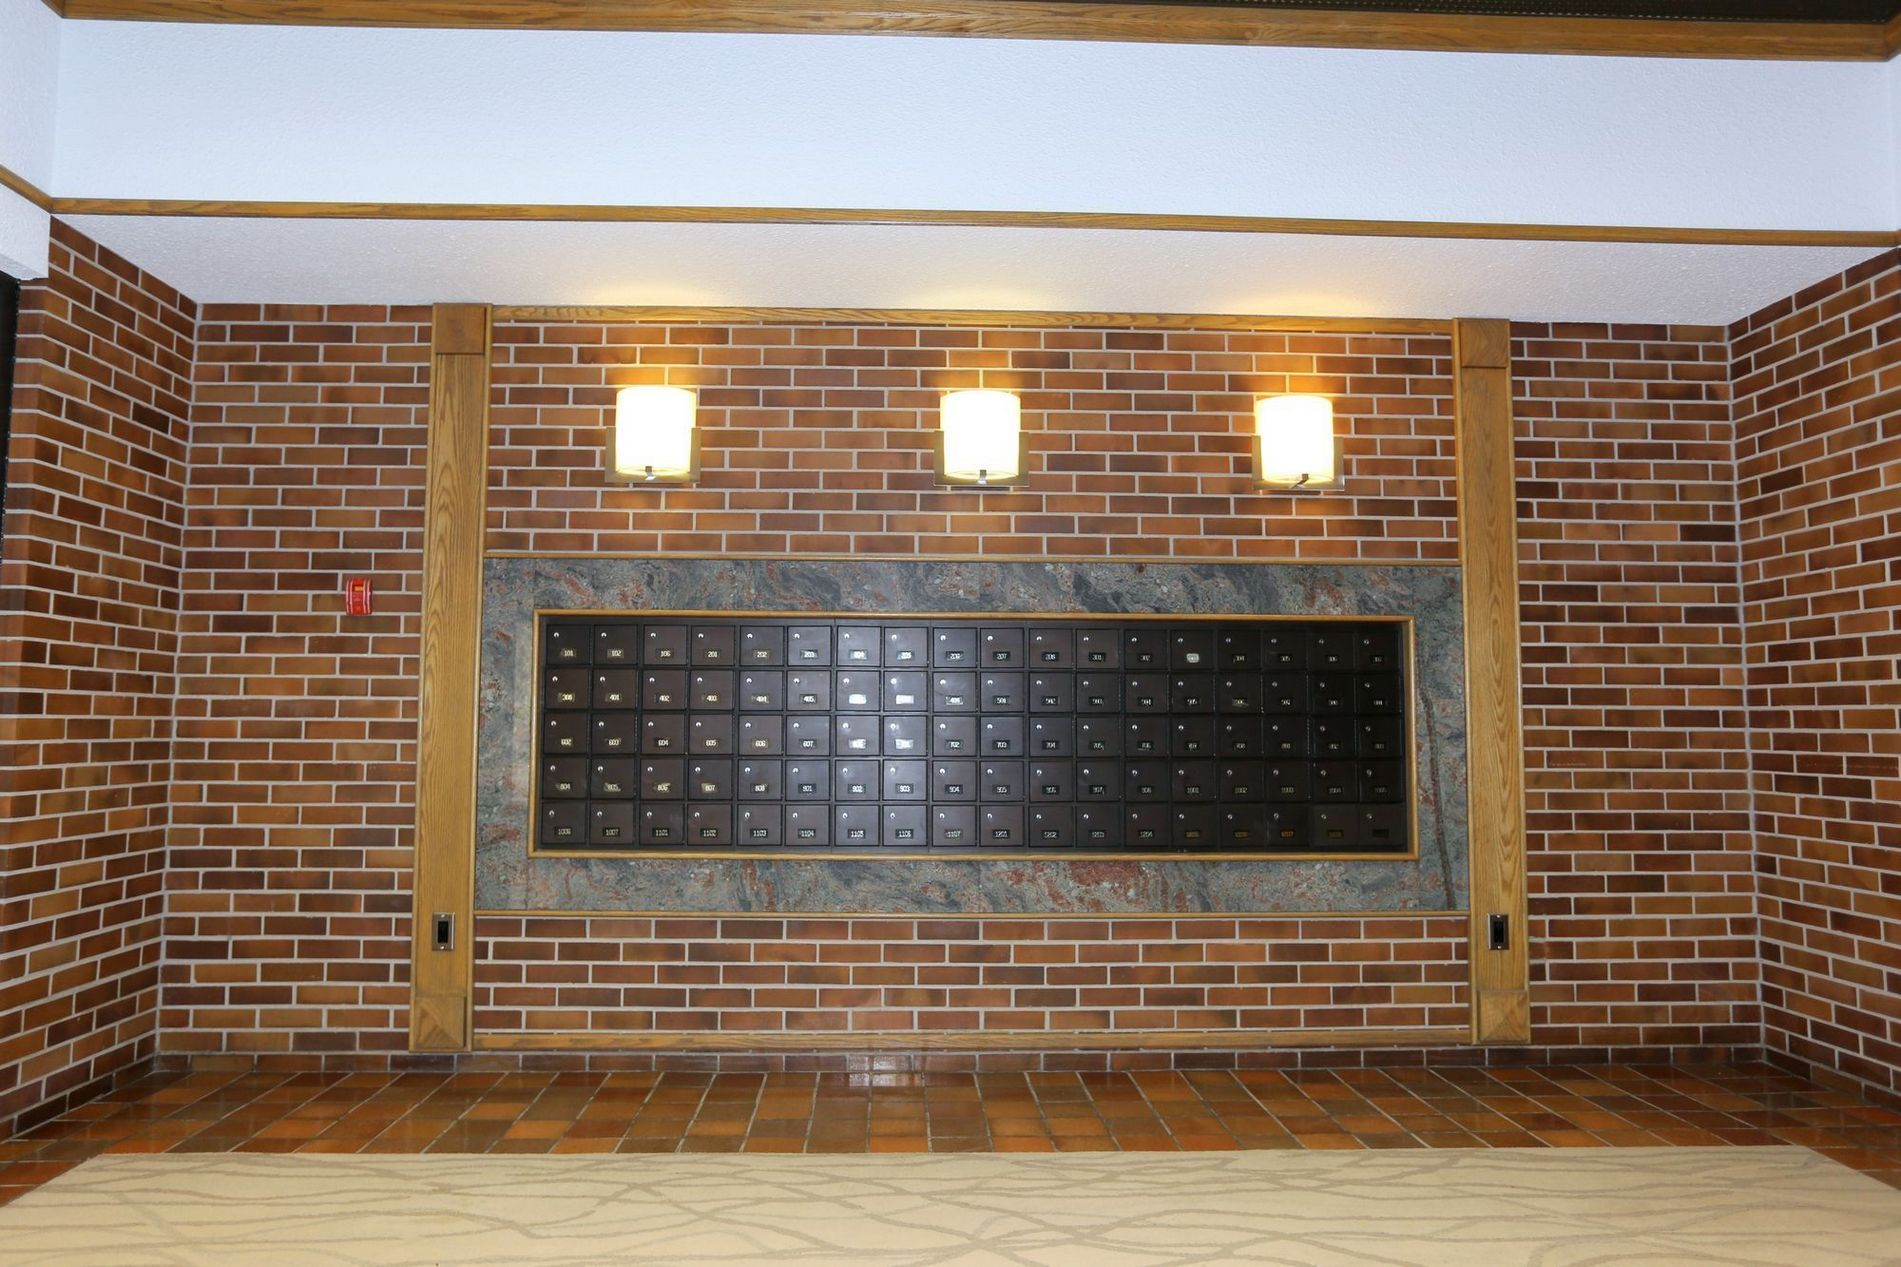 406-255 Wellington Crescent, Winnipeg, Manitoba  R3M 3V4 - Photo 6 - 1730454